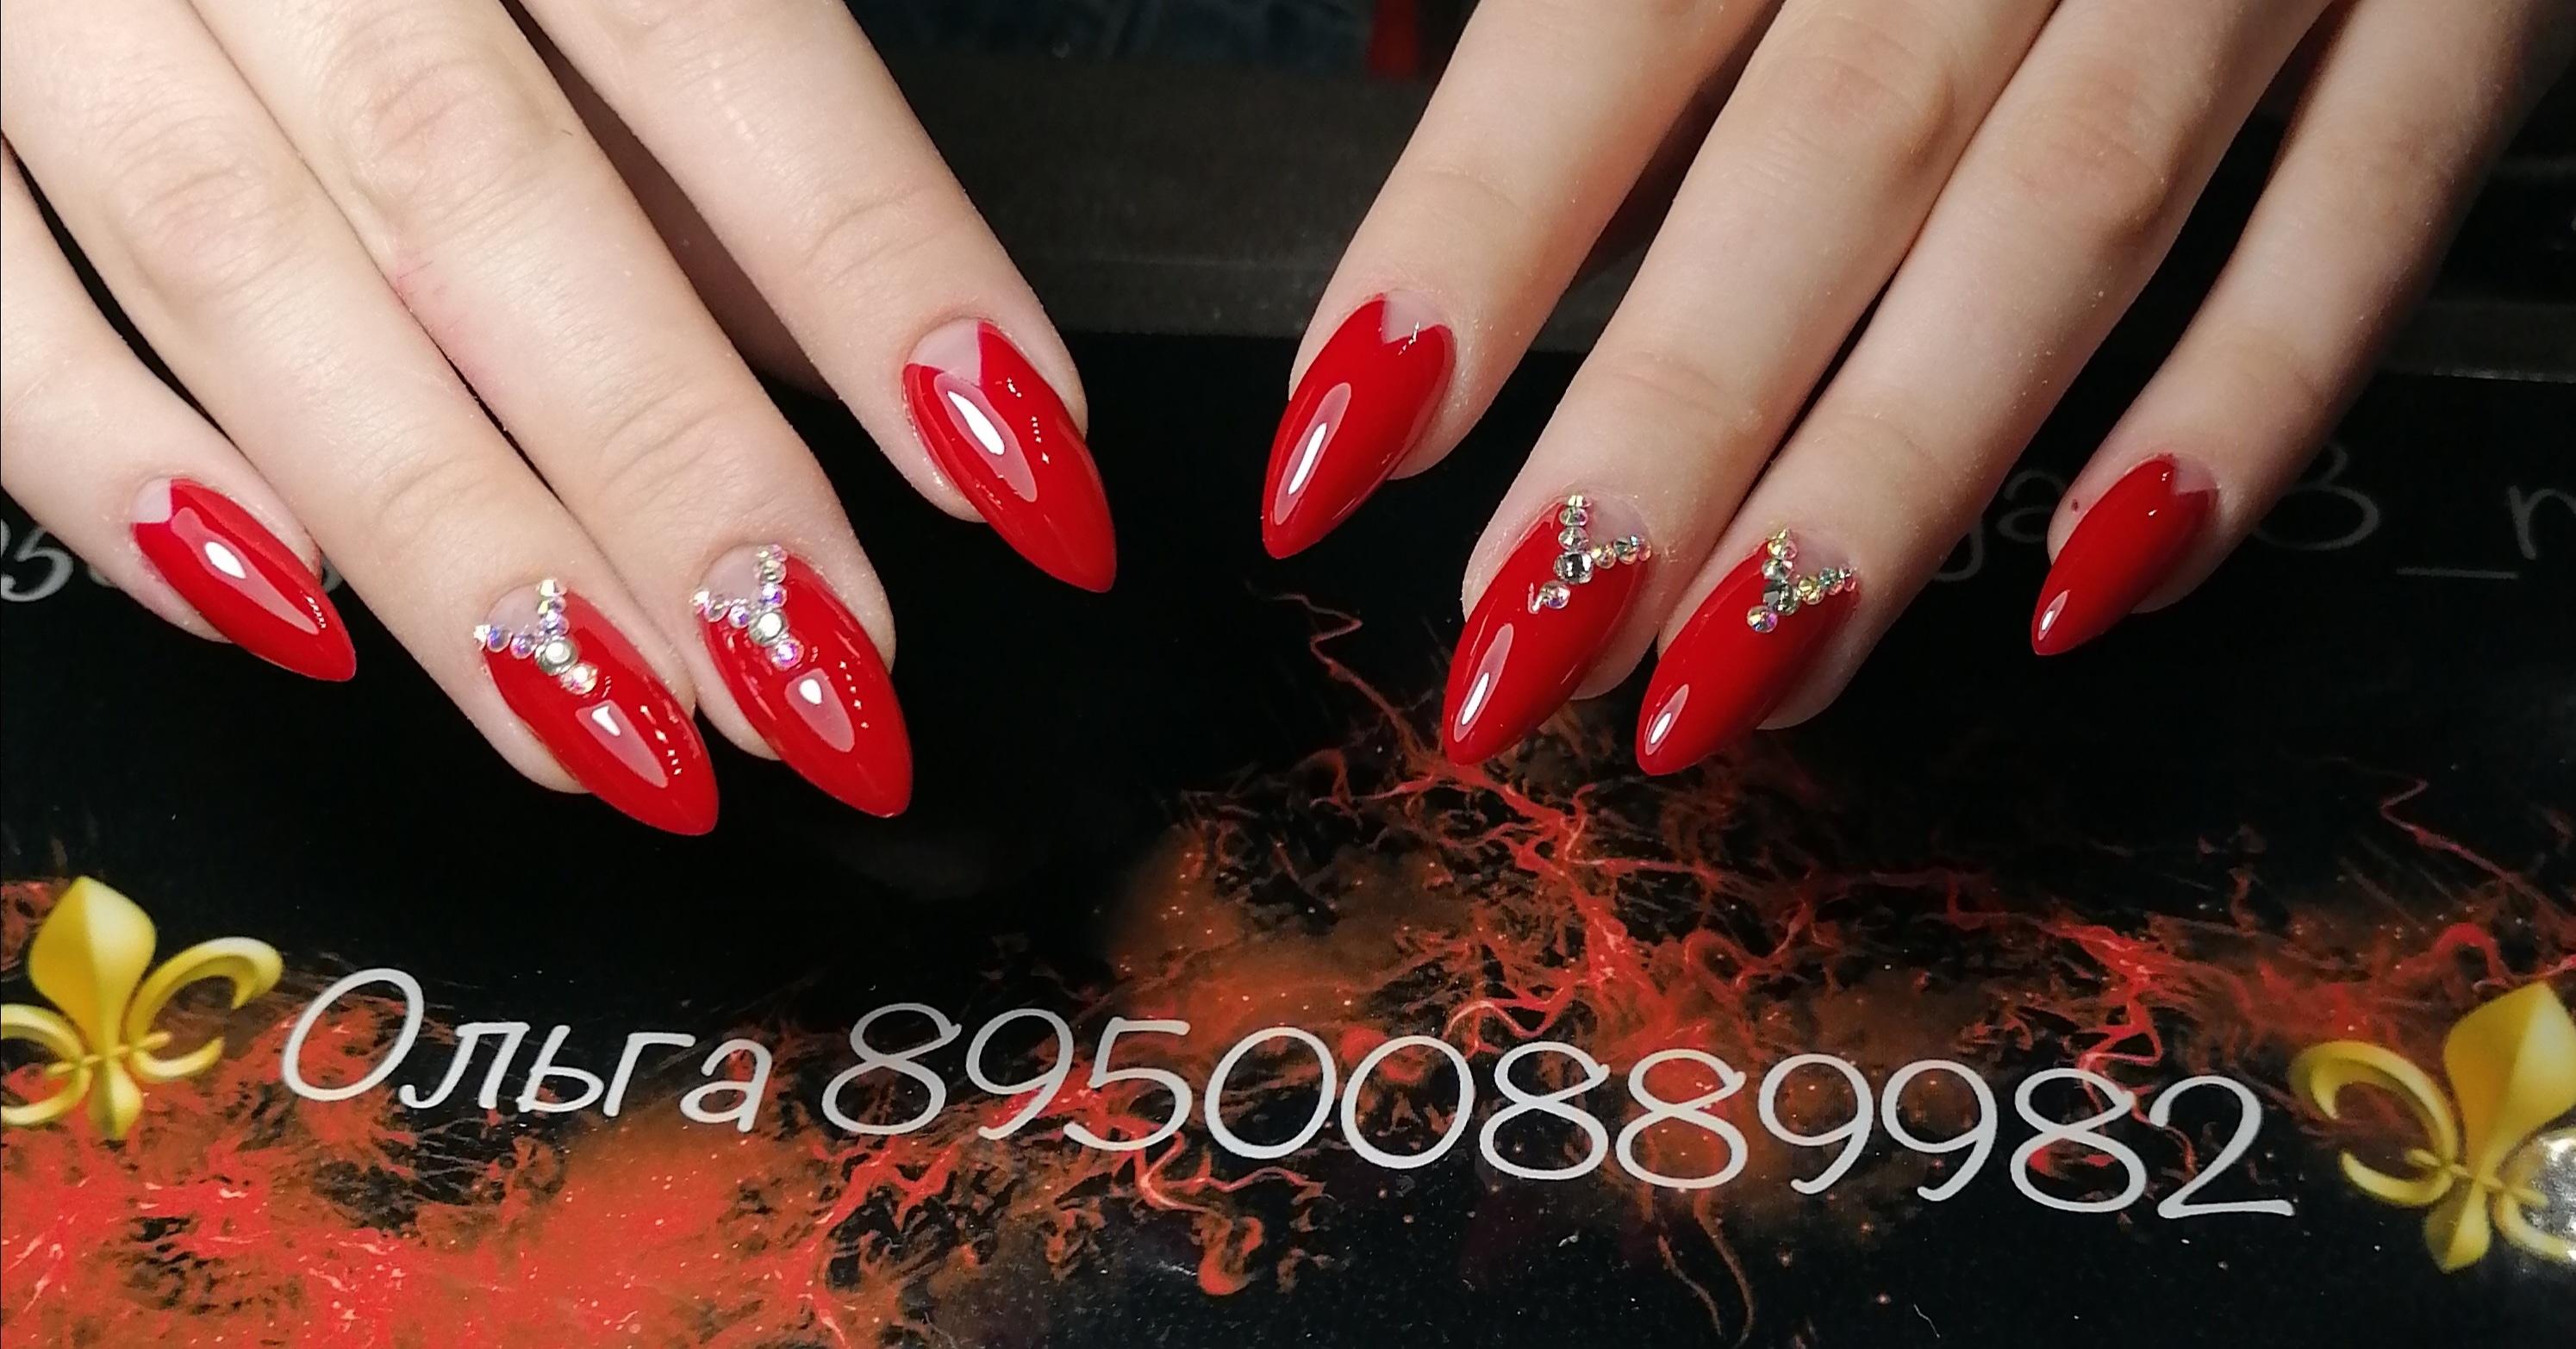 Лунный маникюр со стразами в красном цвете на длинные ногти.